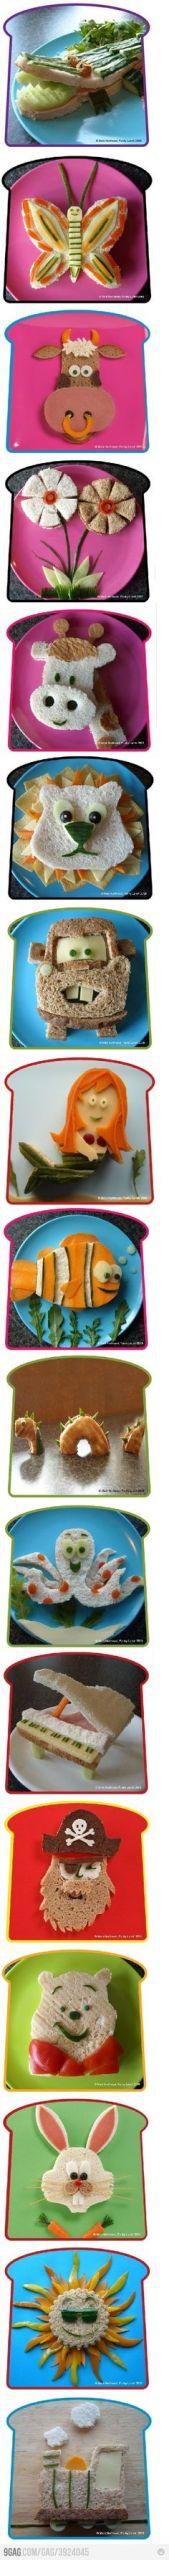 fba53b8d6cade0133d71b6bf948cc6ab kid sandwiches sandwich ideas